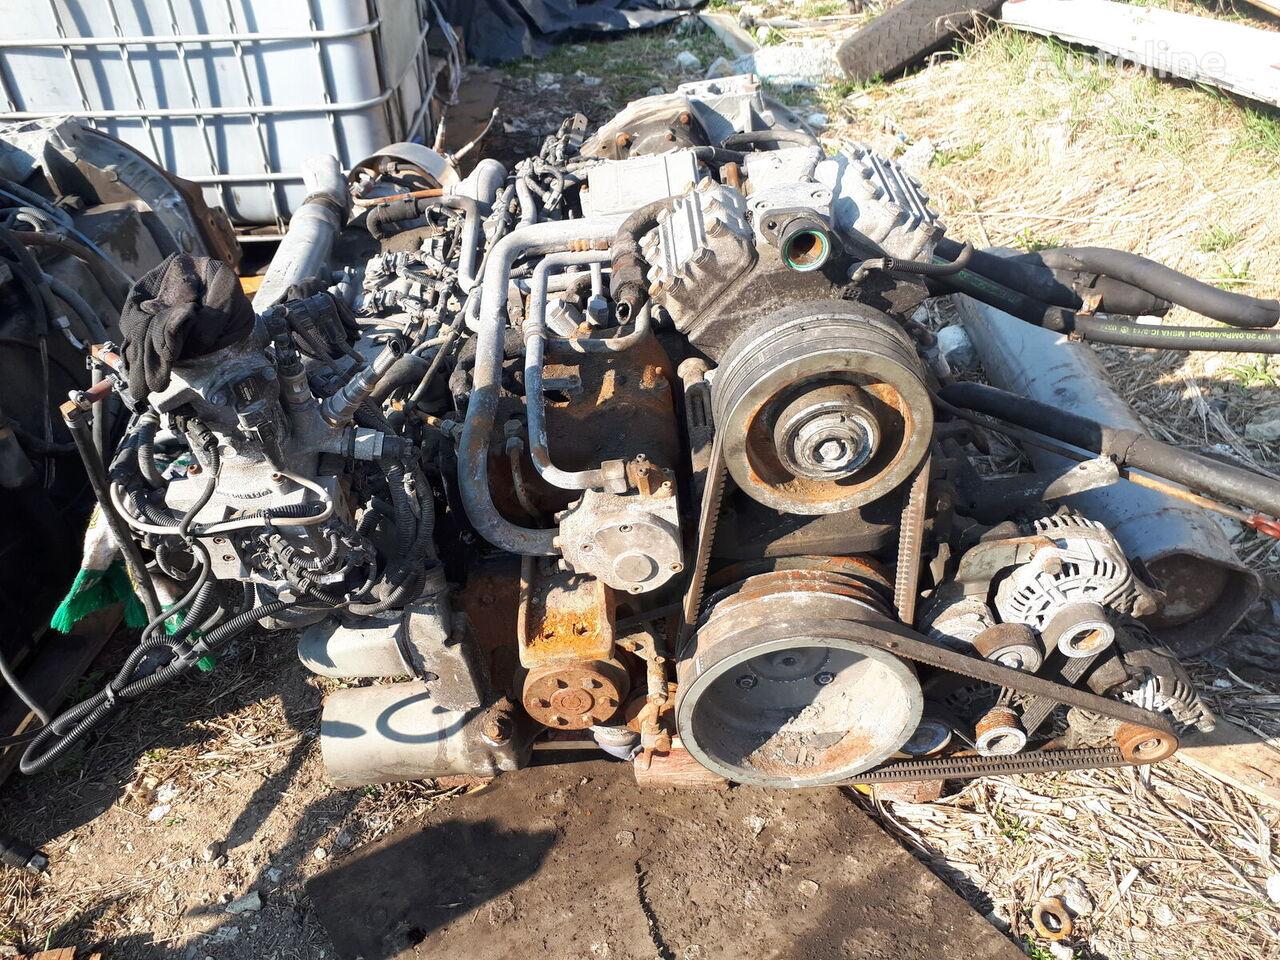 mootor MAN E2876LOH01/ E2876LOH02 tüübi jaoks bussi MAN E2876LUH02/D 2566. 280